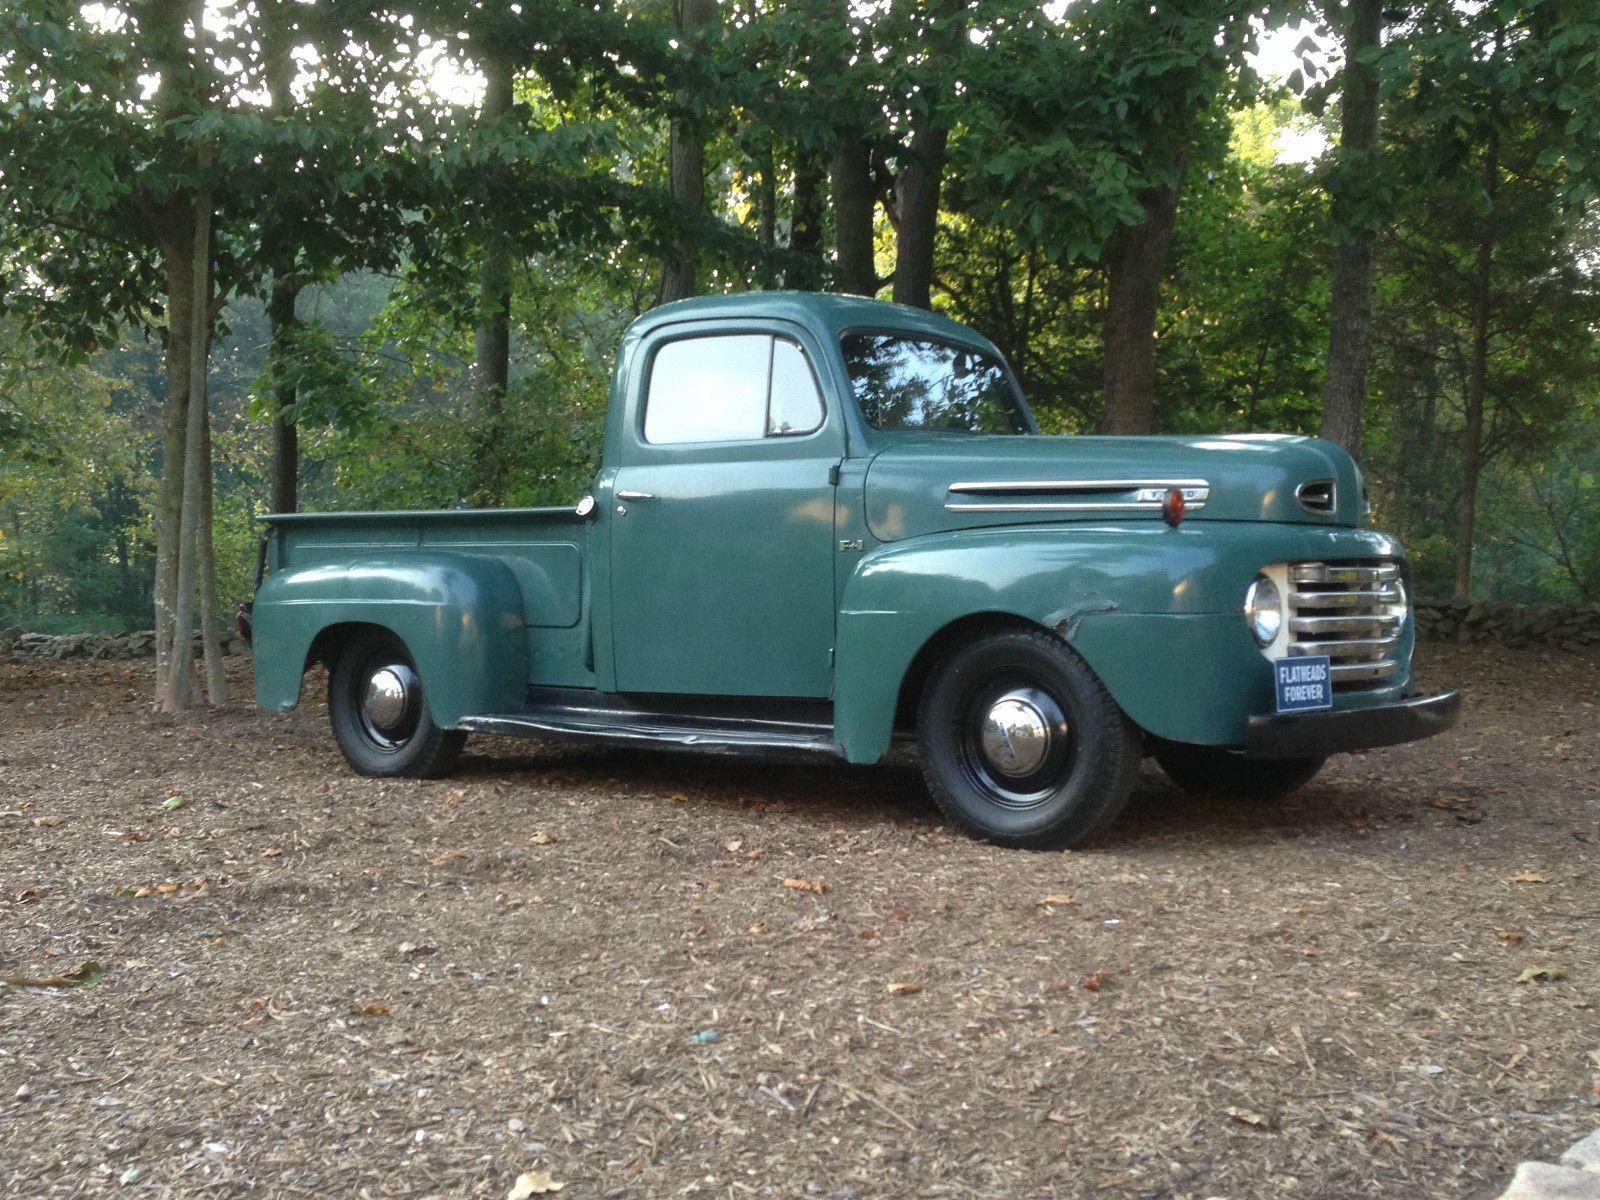 1948 Ford F1 Truck Classic Cars Trucks Classic Trucks Trucks